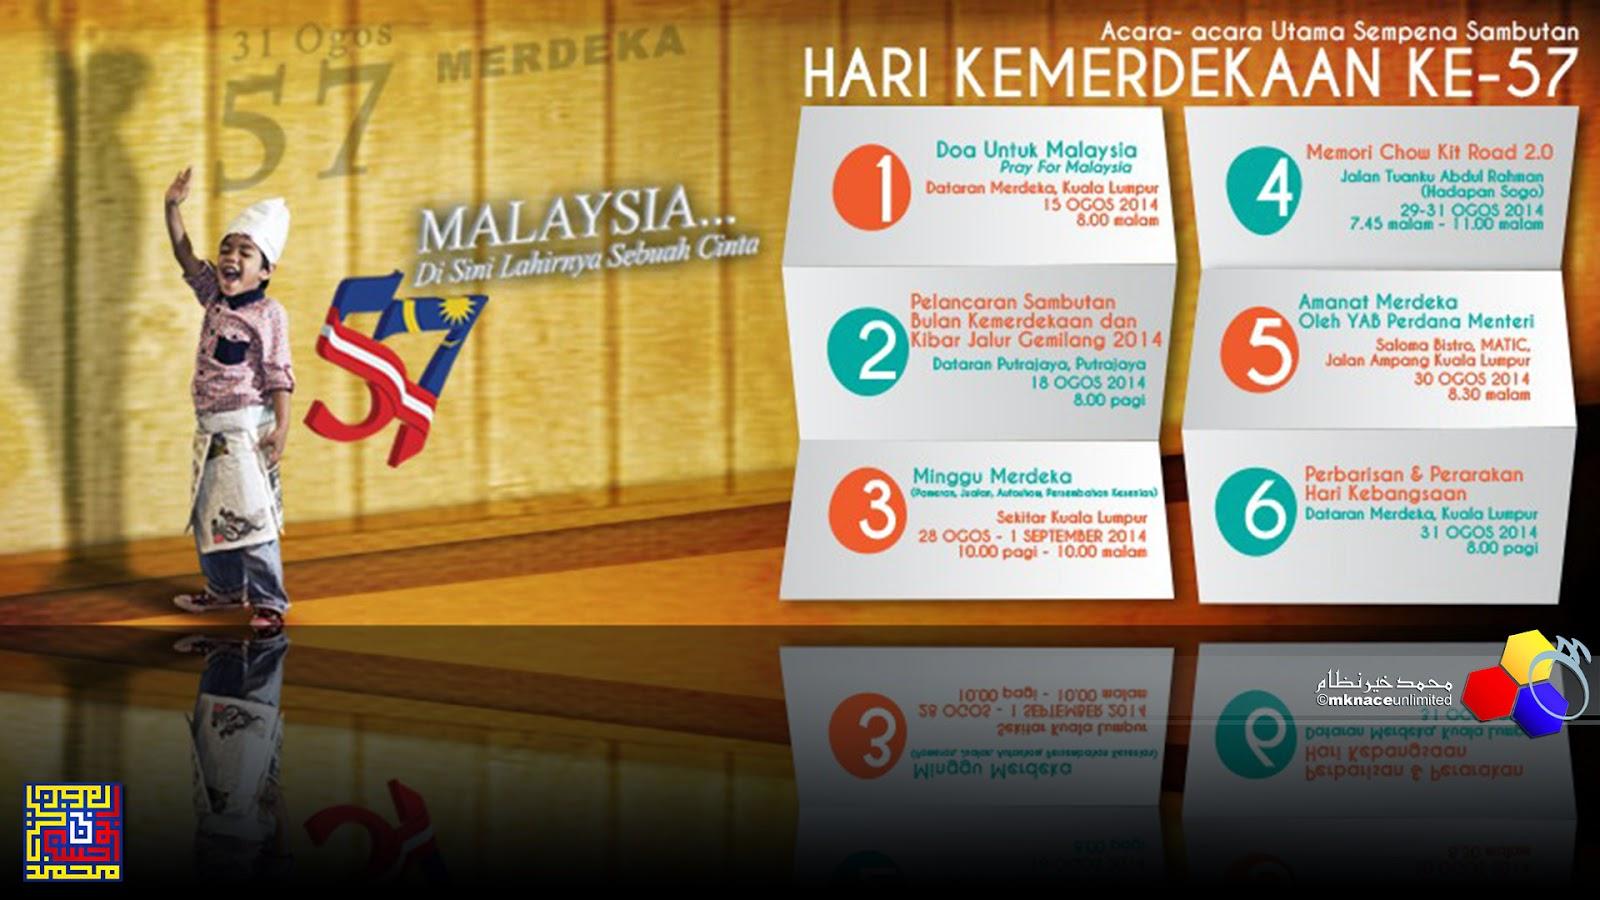 Senarai Lengkap Aktiviti dan Program Sempena Sambutan Kemerdekaan Ke 57